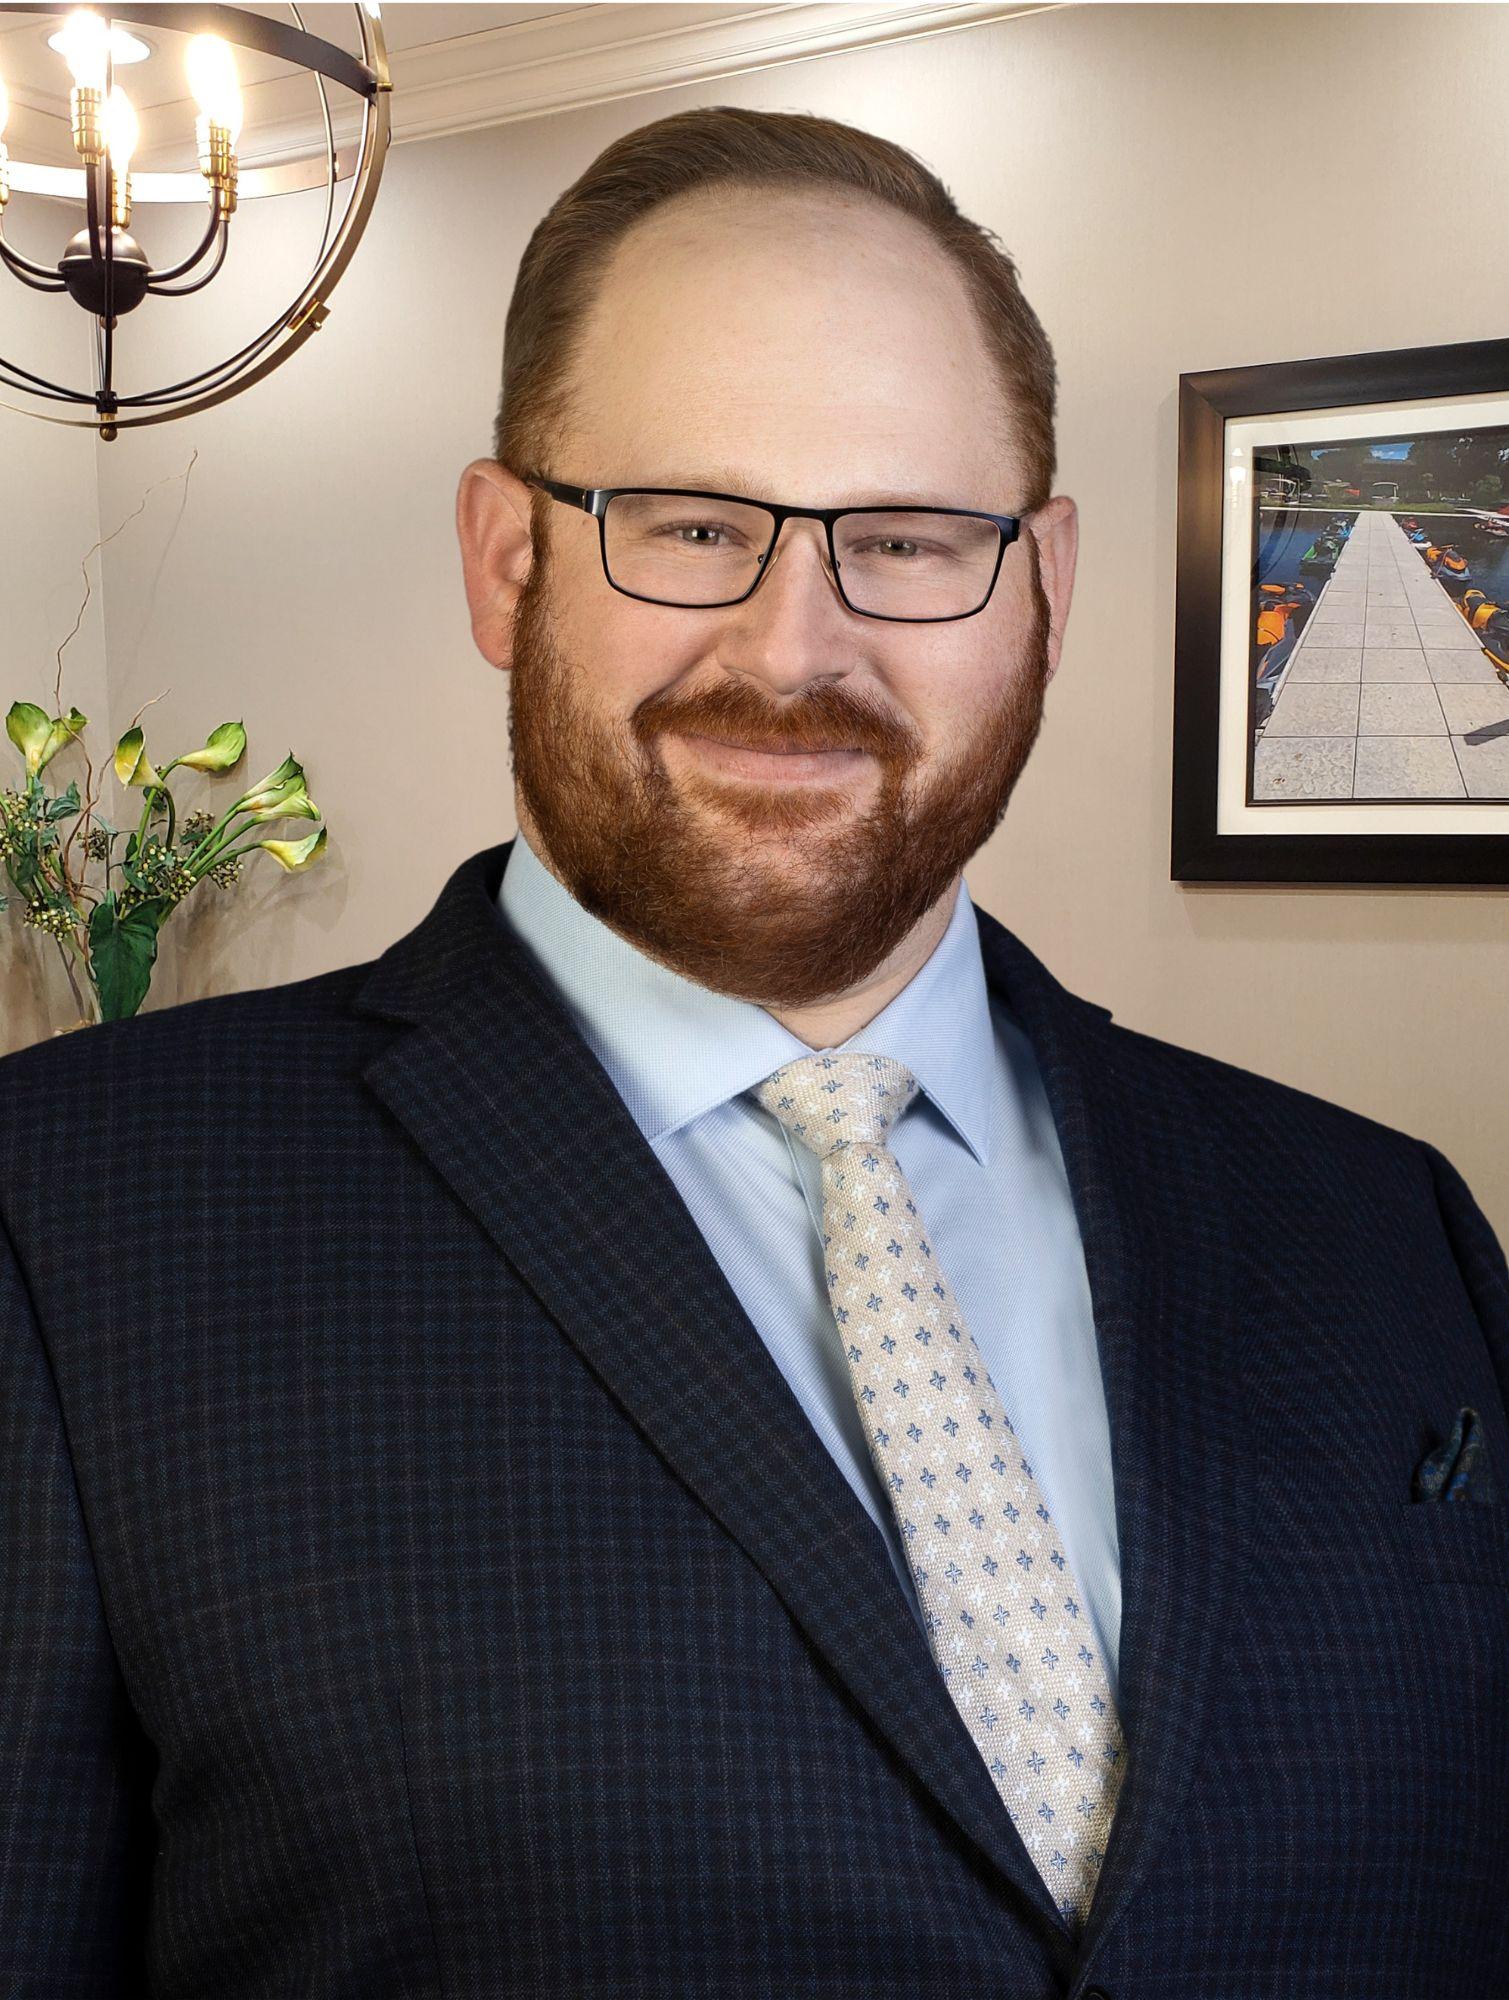 Keenan Gottschall